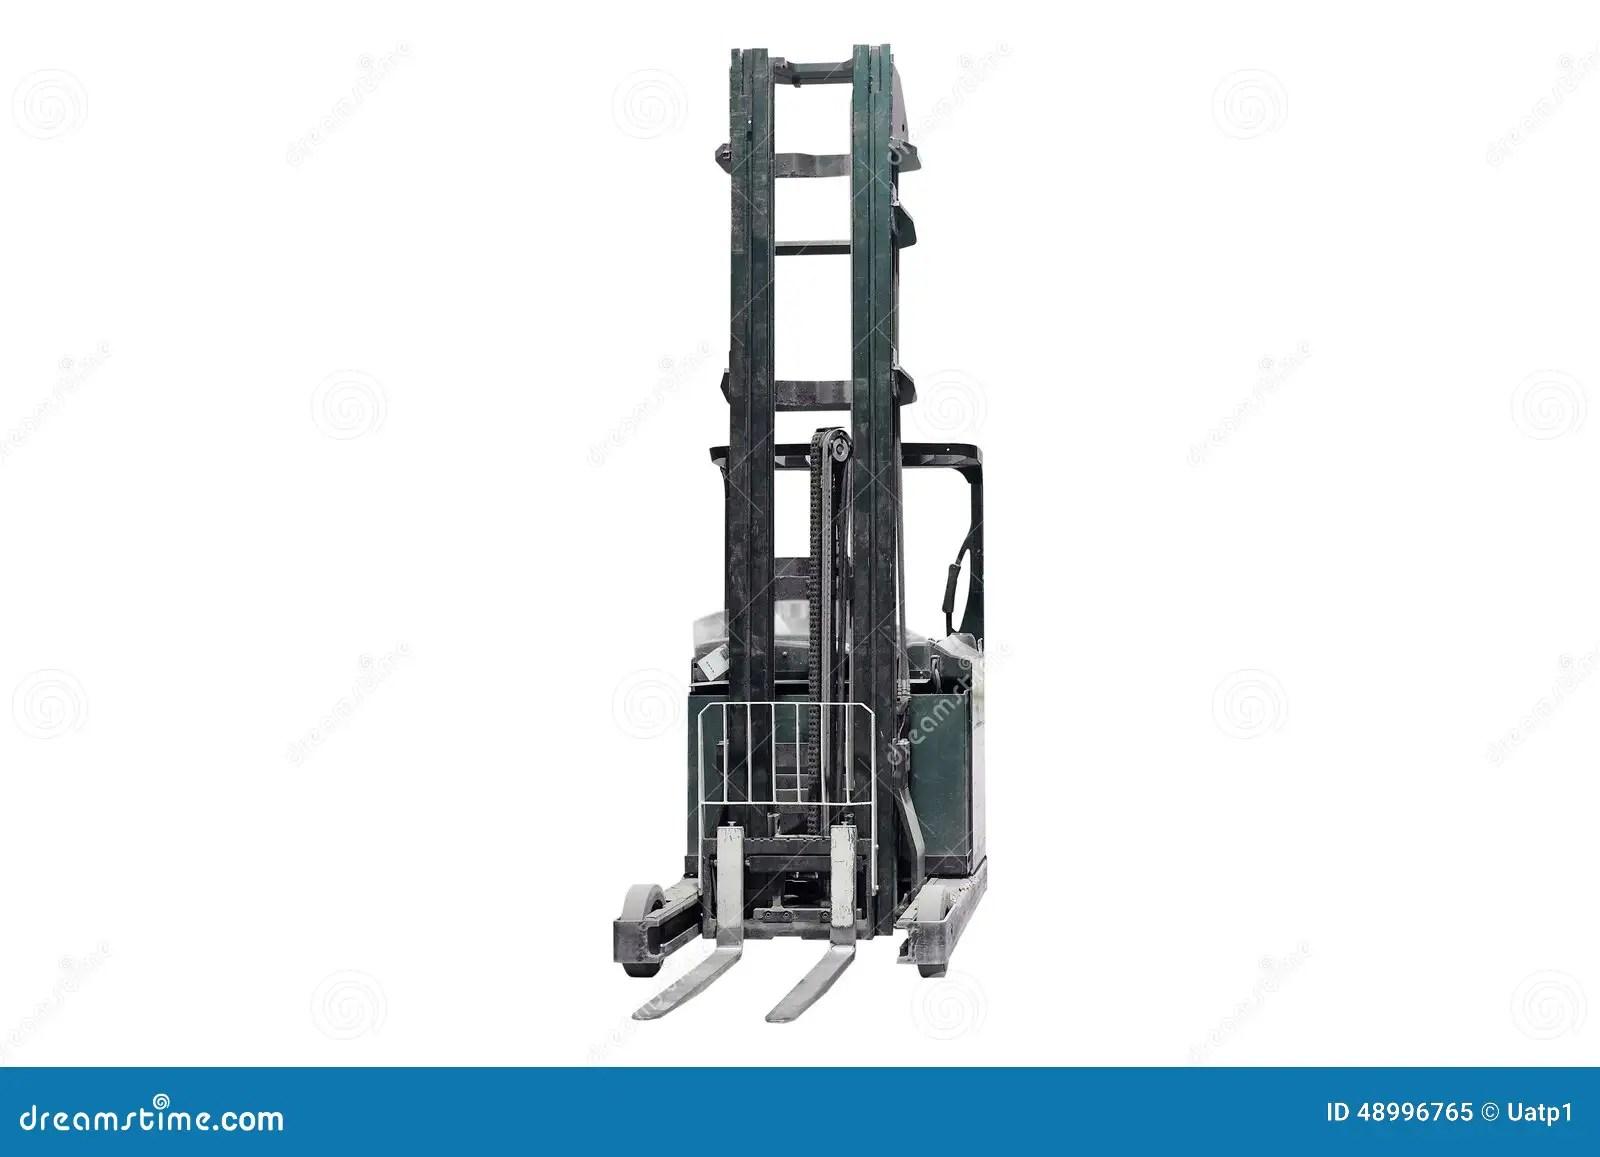 Manual loader stock image. Image of picking, machine